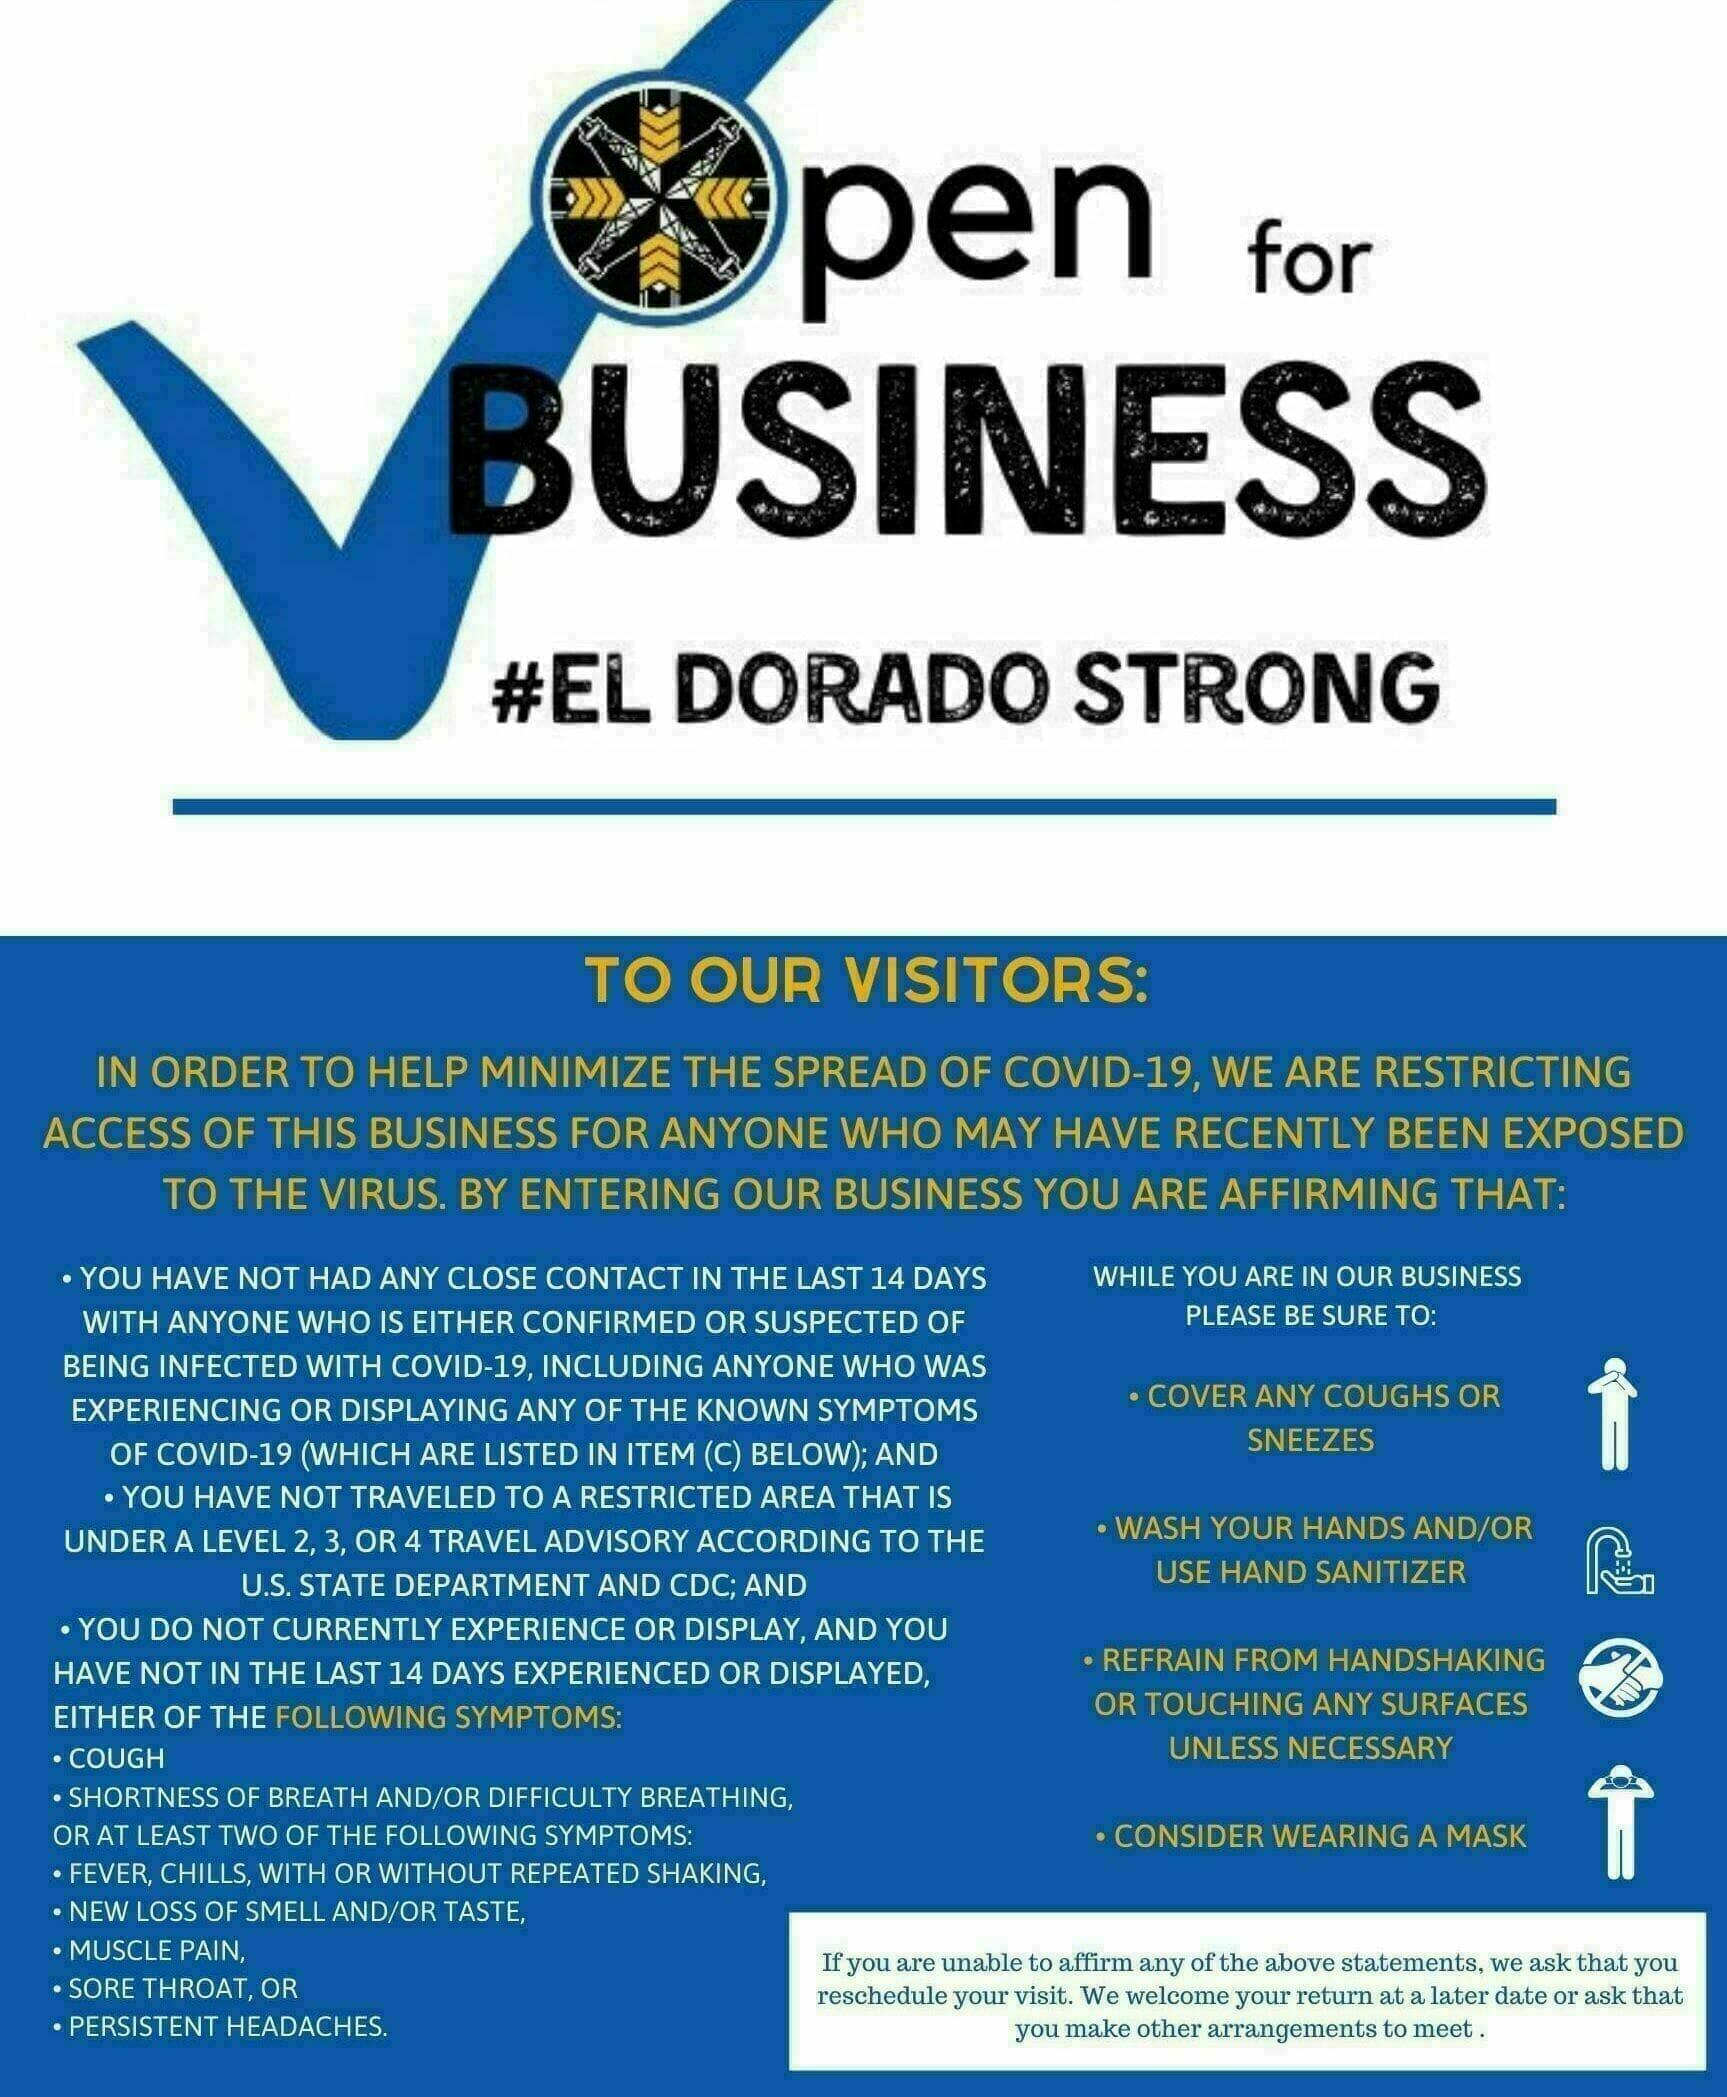 Open For Business #El Dorado Strong